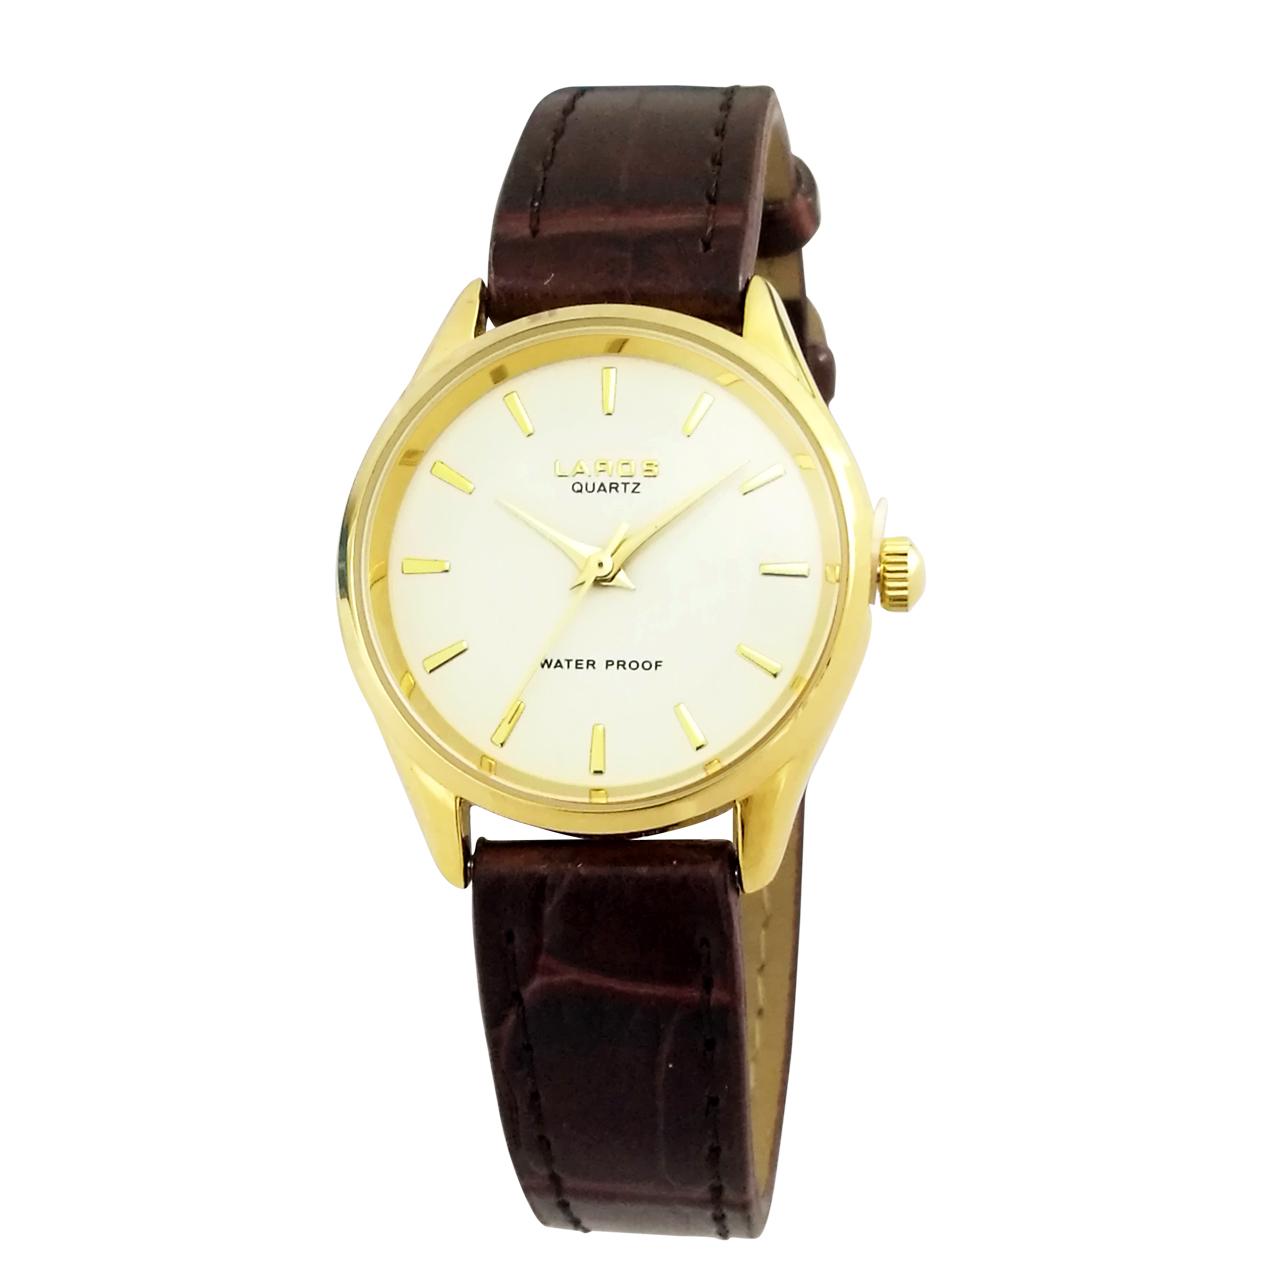 ساعت مچی عقربه ای زنانه لاروس مدل 0118-80200-s به همراه دستمال مخصوص برند کلین واچ 8